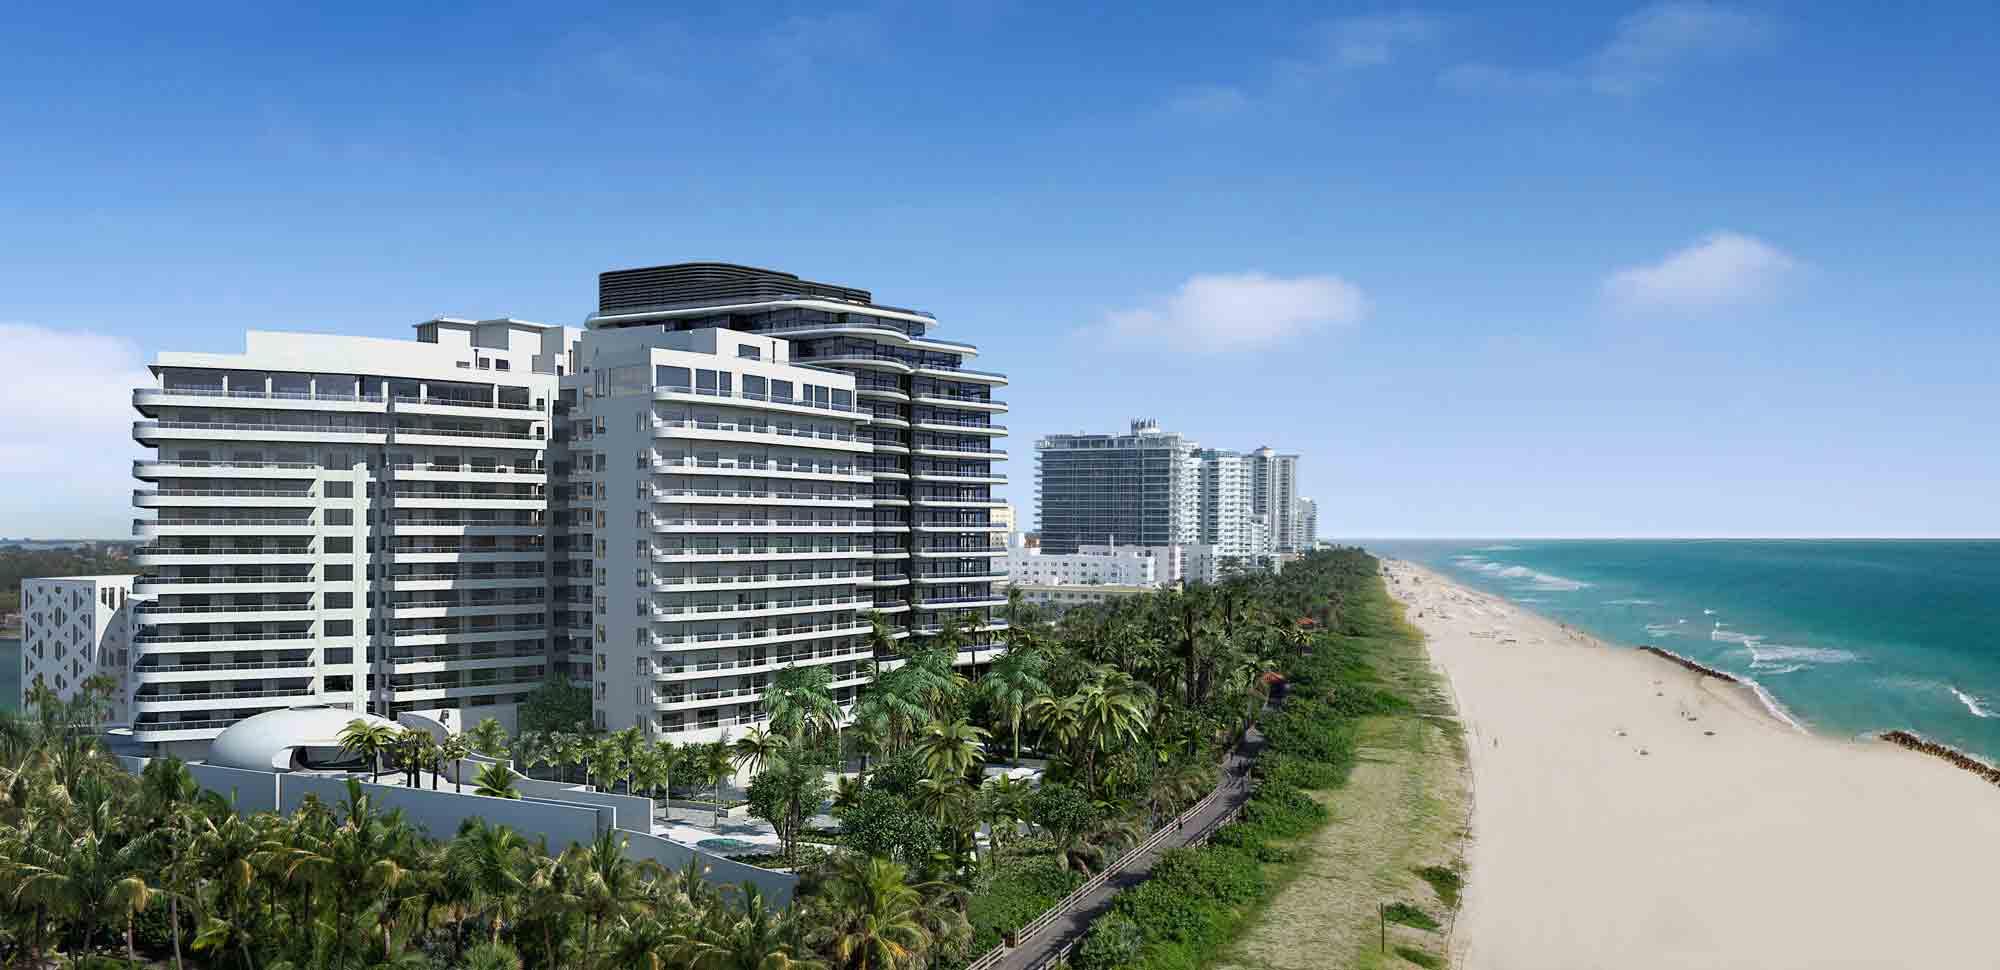 luxushotel faena in miami nordamerika bei onefinemoment buchen